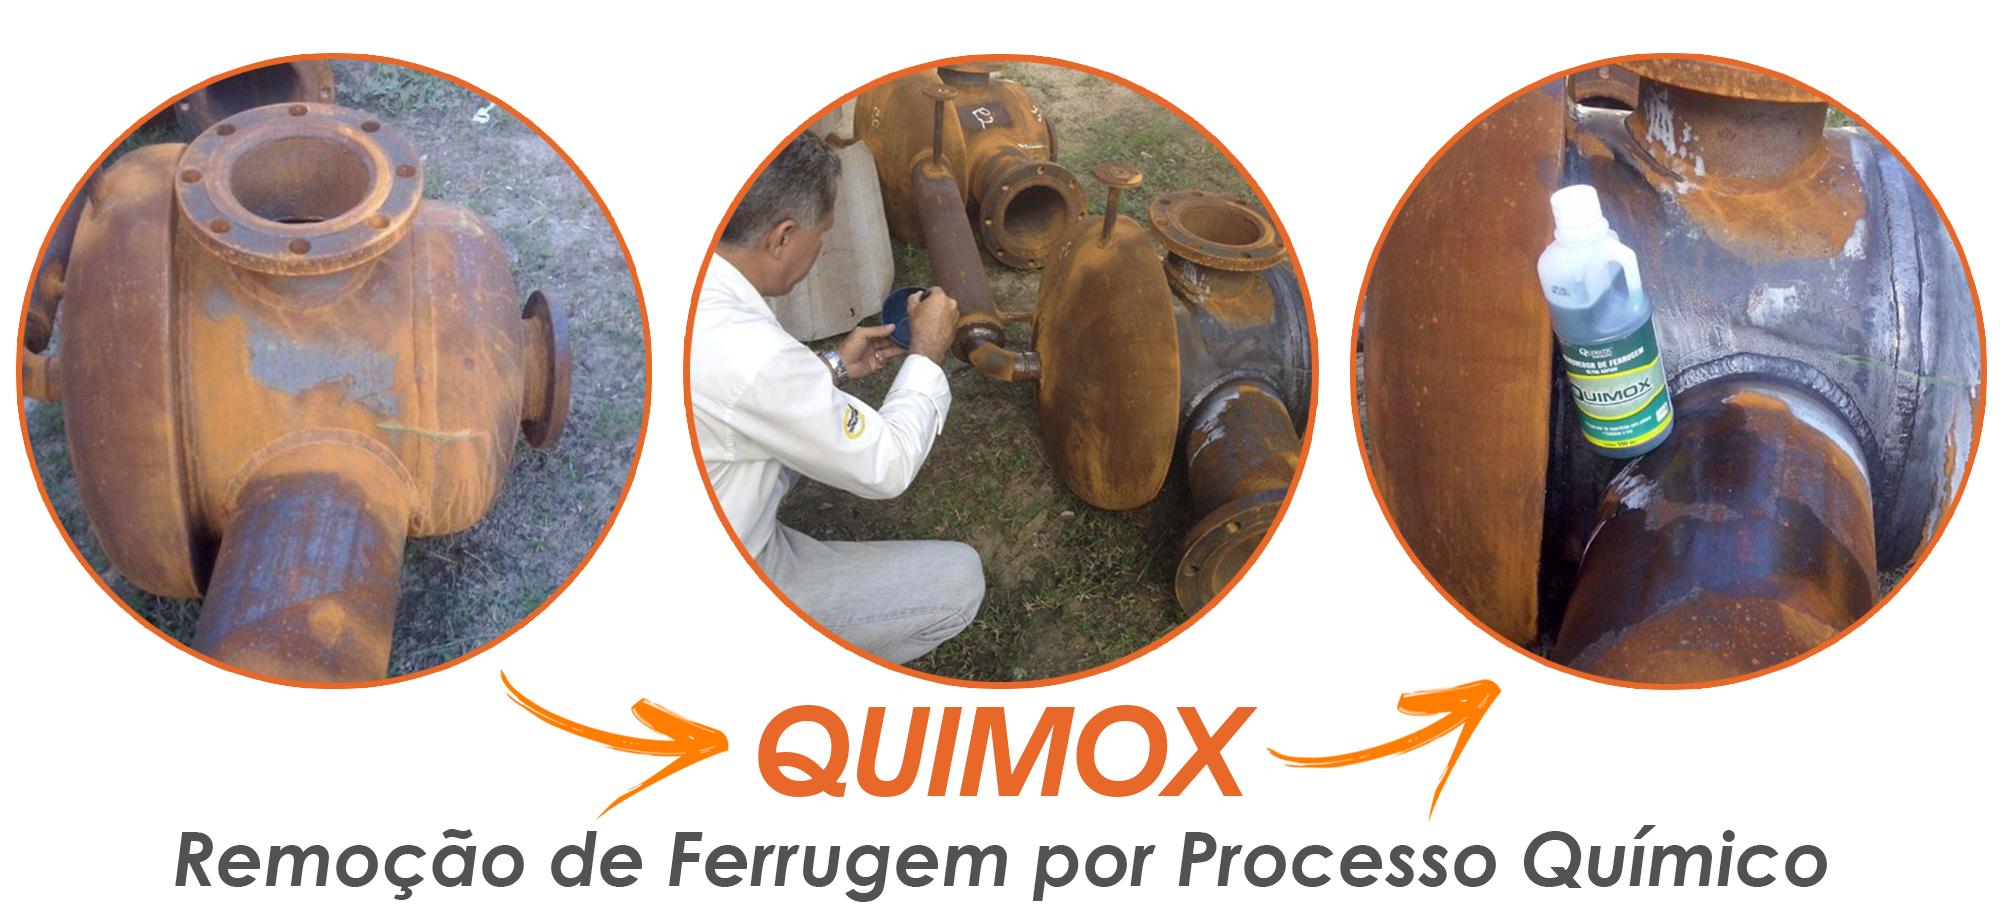 Removedor de ferrugem Quimox em cordão de solda